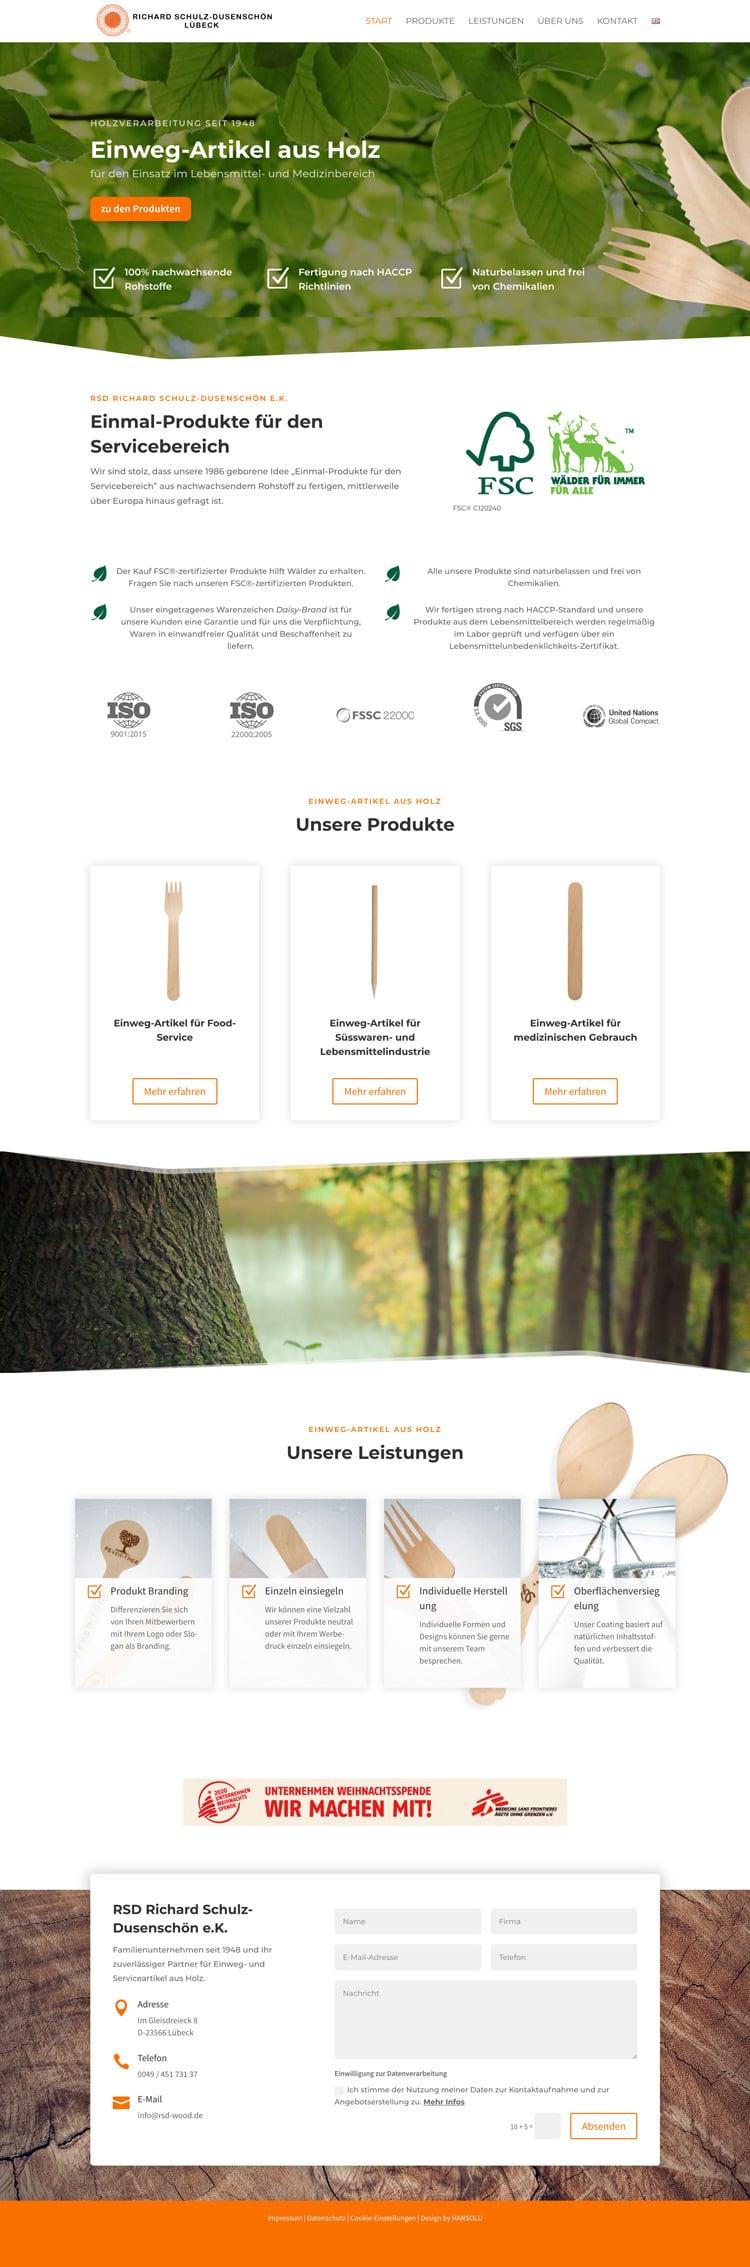 Webdesign für Industrieunternehmen